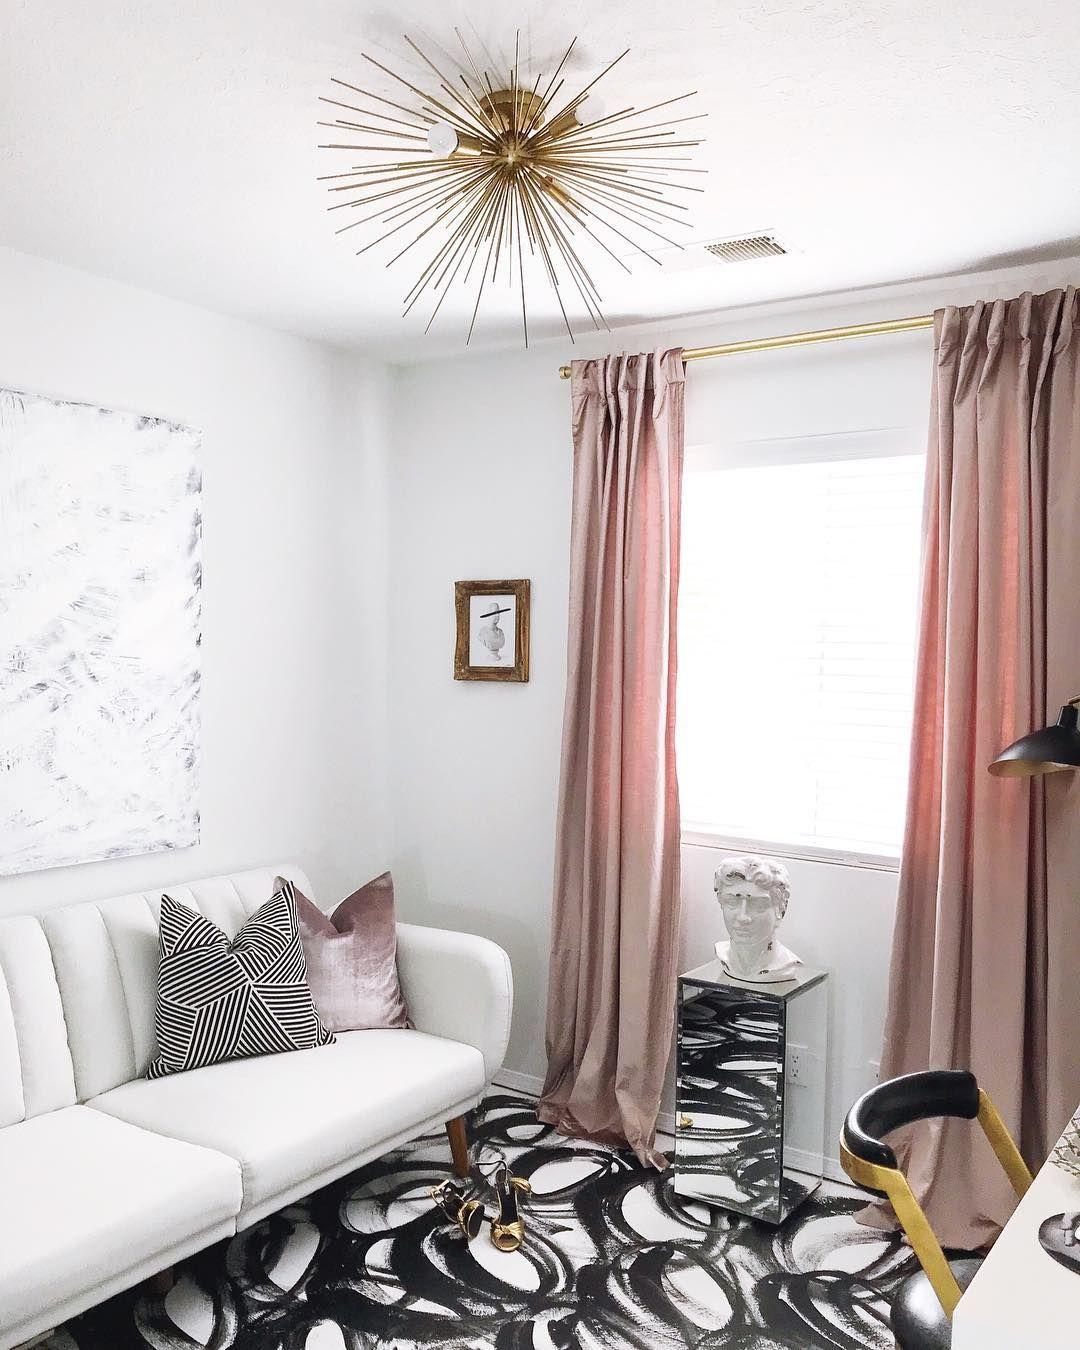 Glam Living Room mit rosa Vorhängen und Starburst-Kronleuchter über @the_beautiful_savages